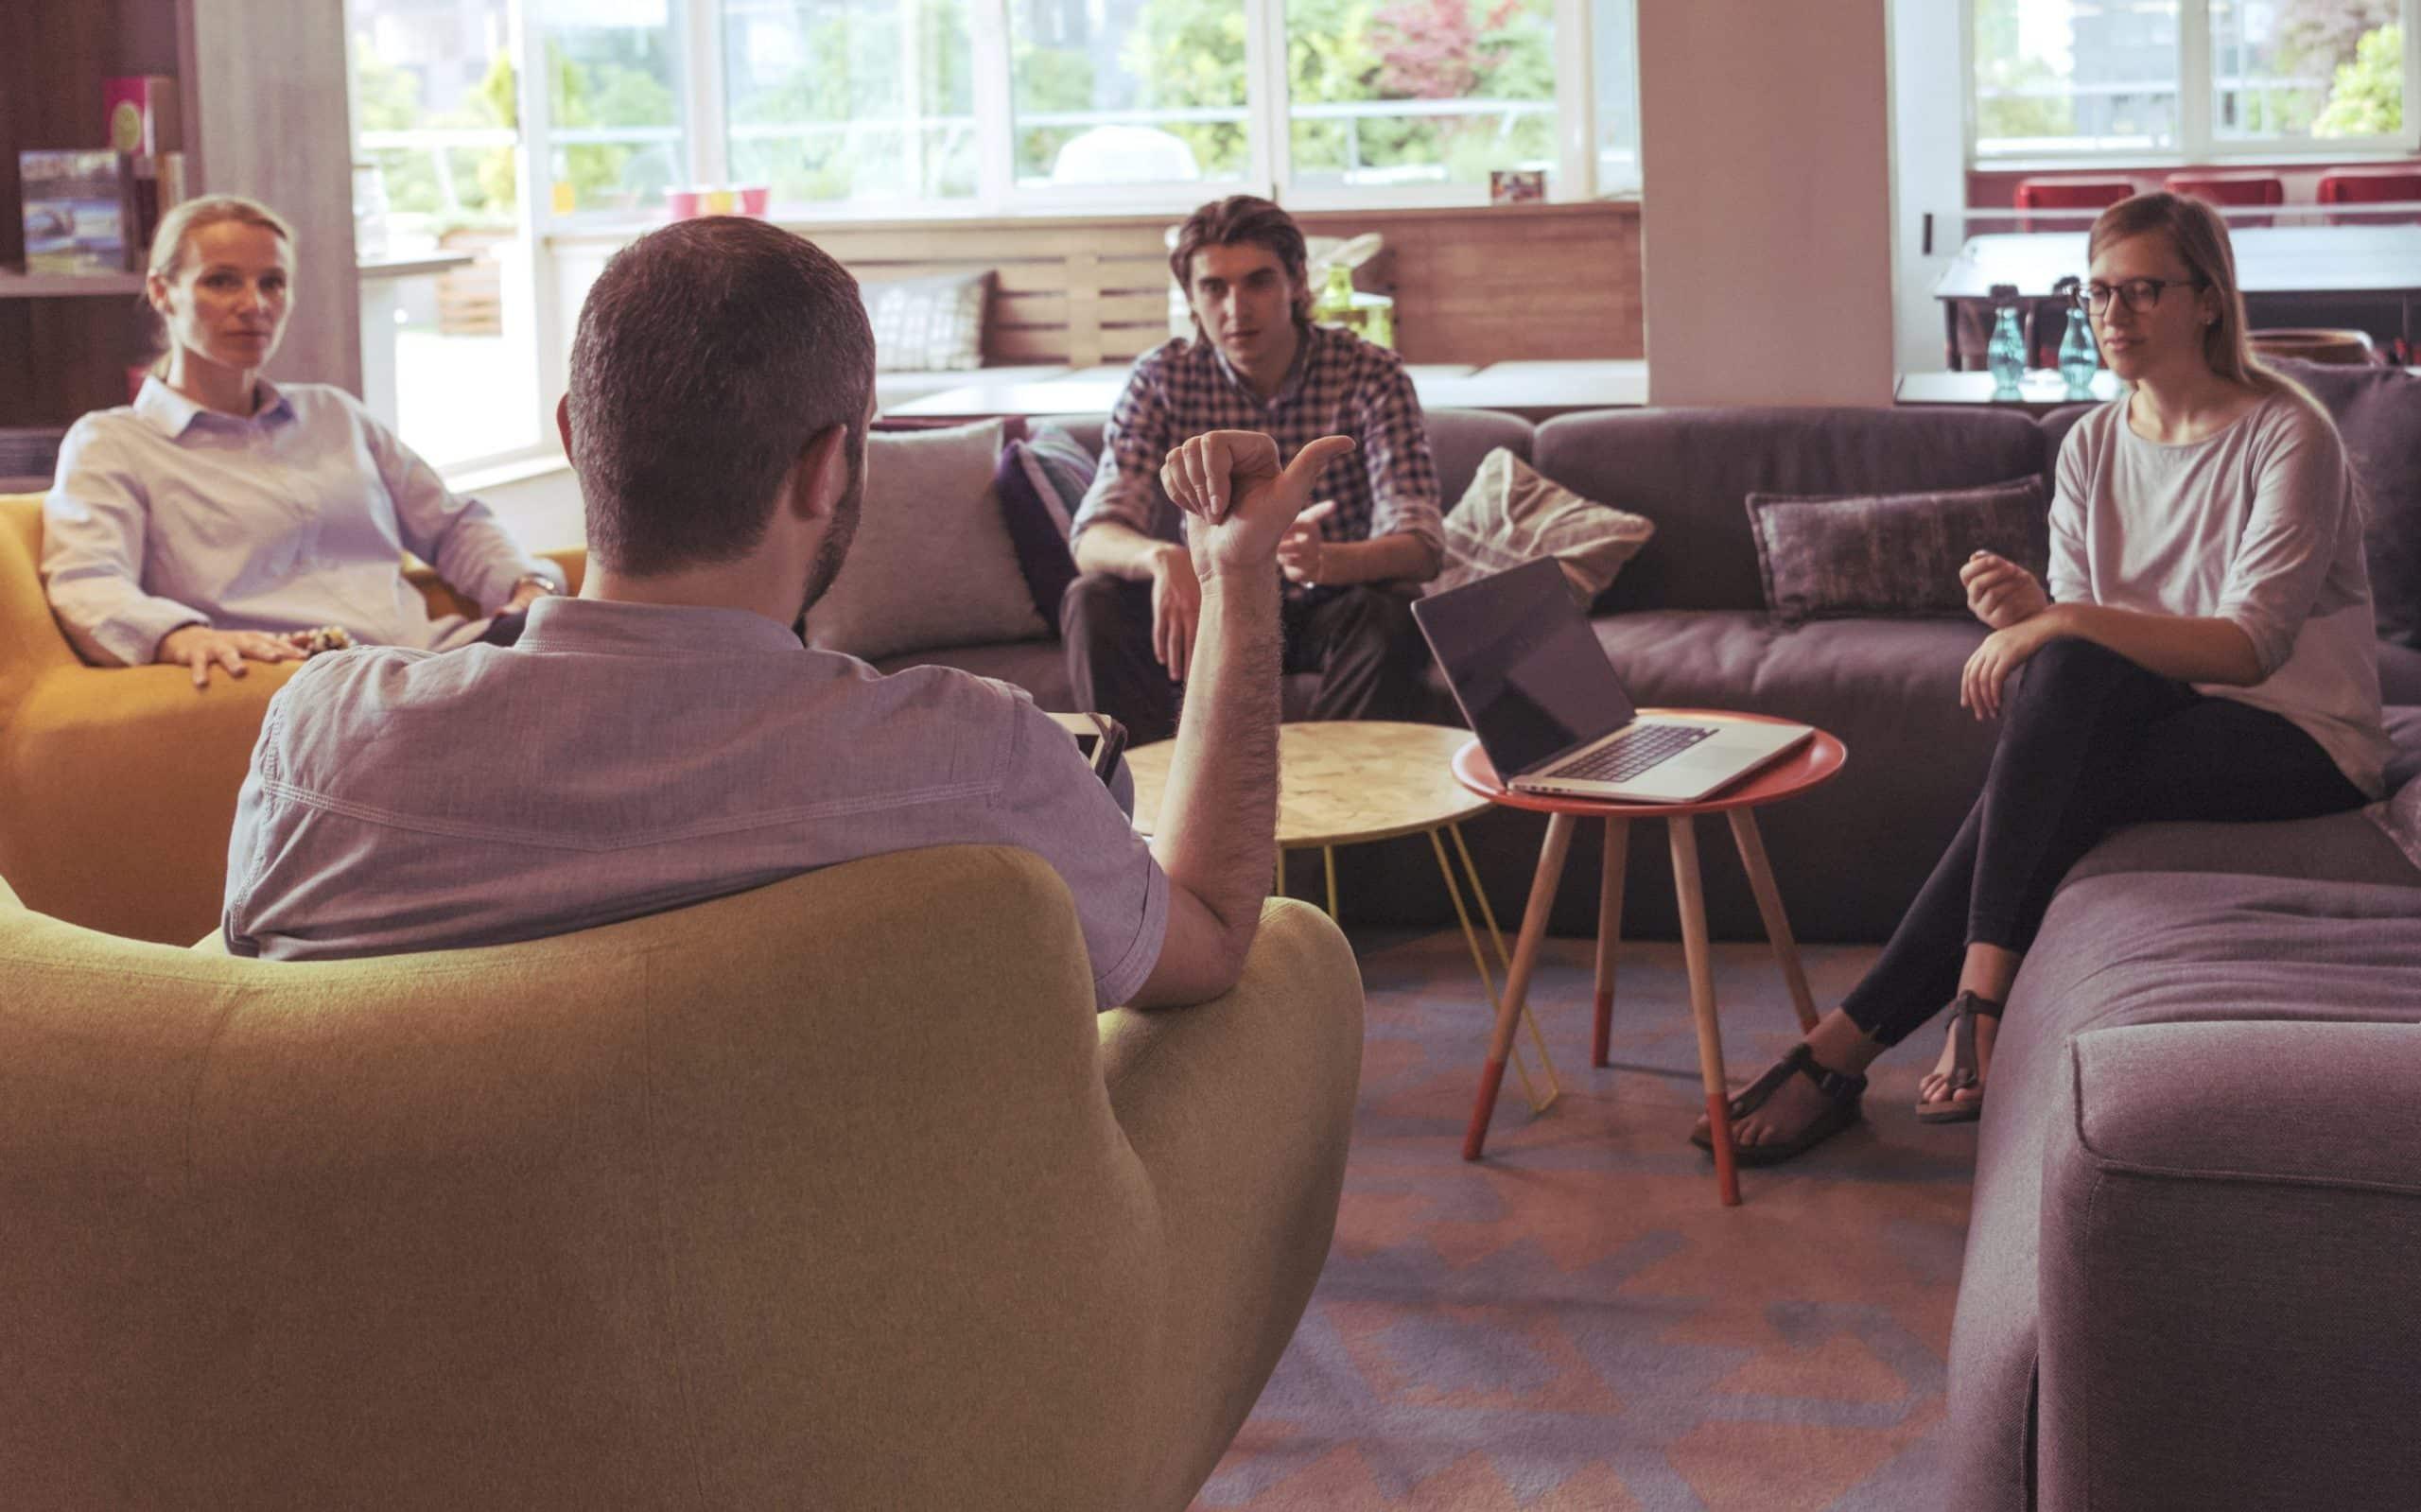 team meeting and brainstorming PLP7KJR edited scaled